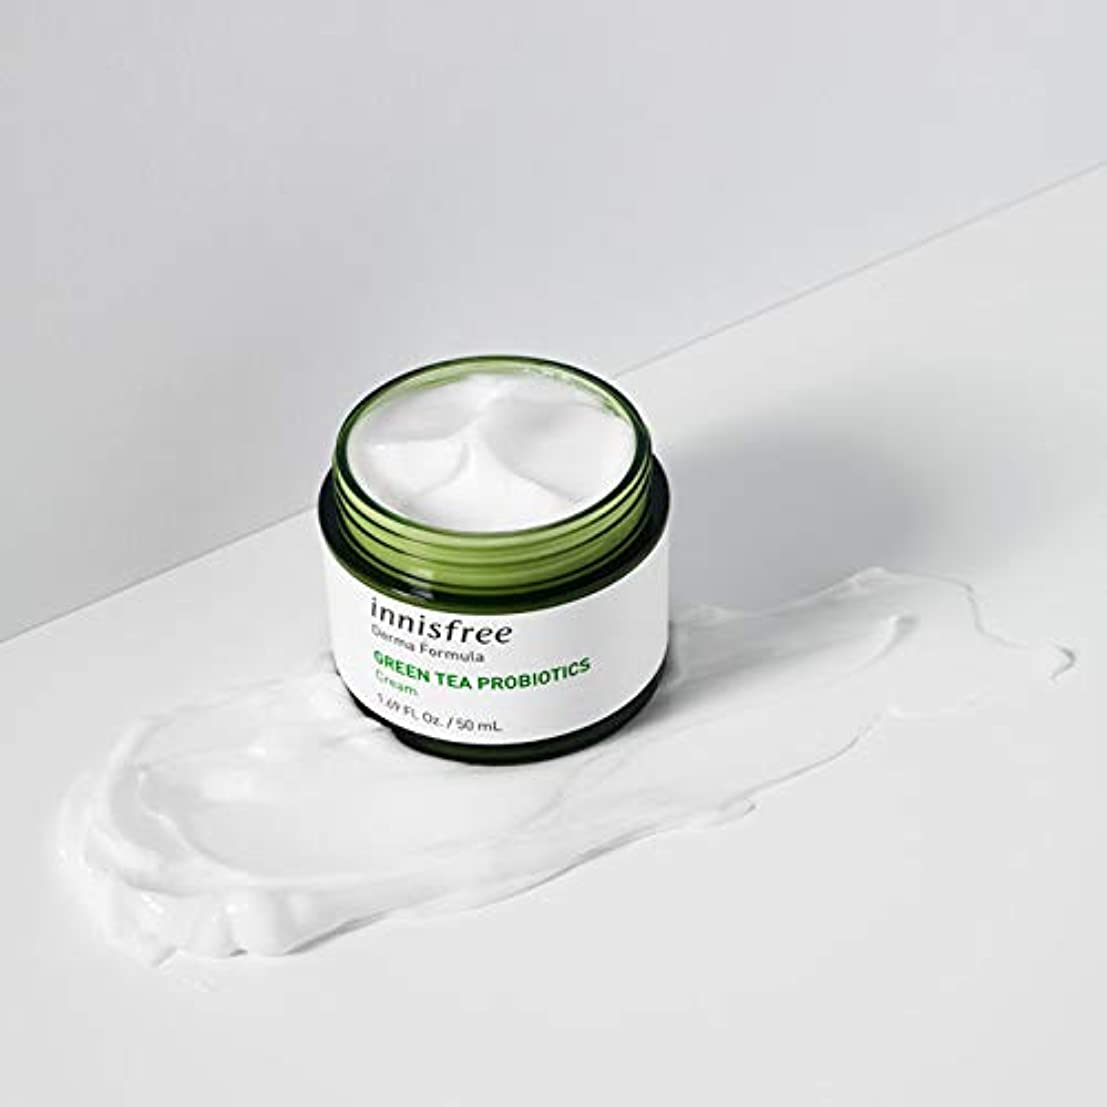 遠足重くするブル[イニスフリー.innisfree]ダーマフォーミュラグリーンティープロバイオティクスクリーム50mL(2019.09 new)/ Derma Formula Green Tea Probiotics Cream